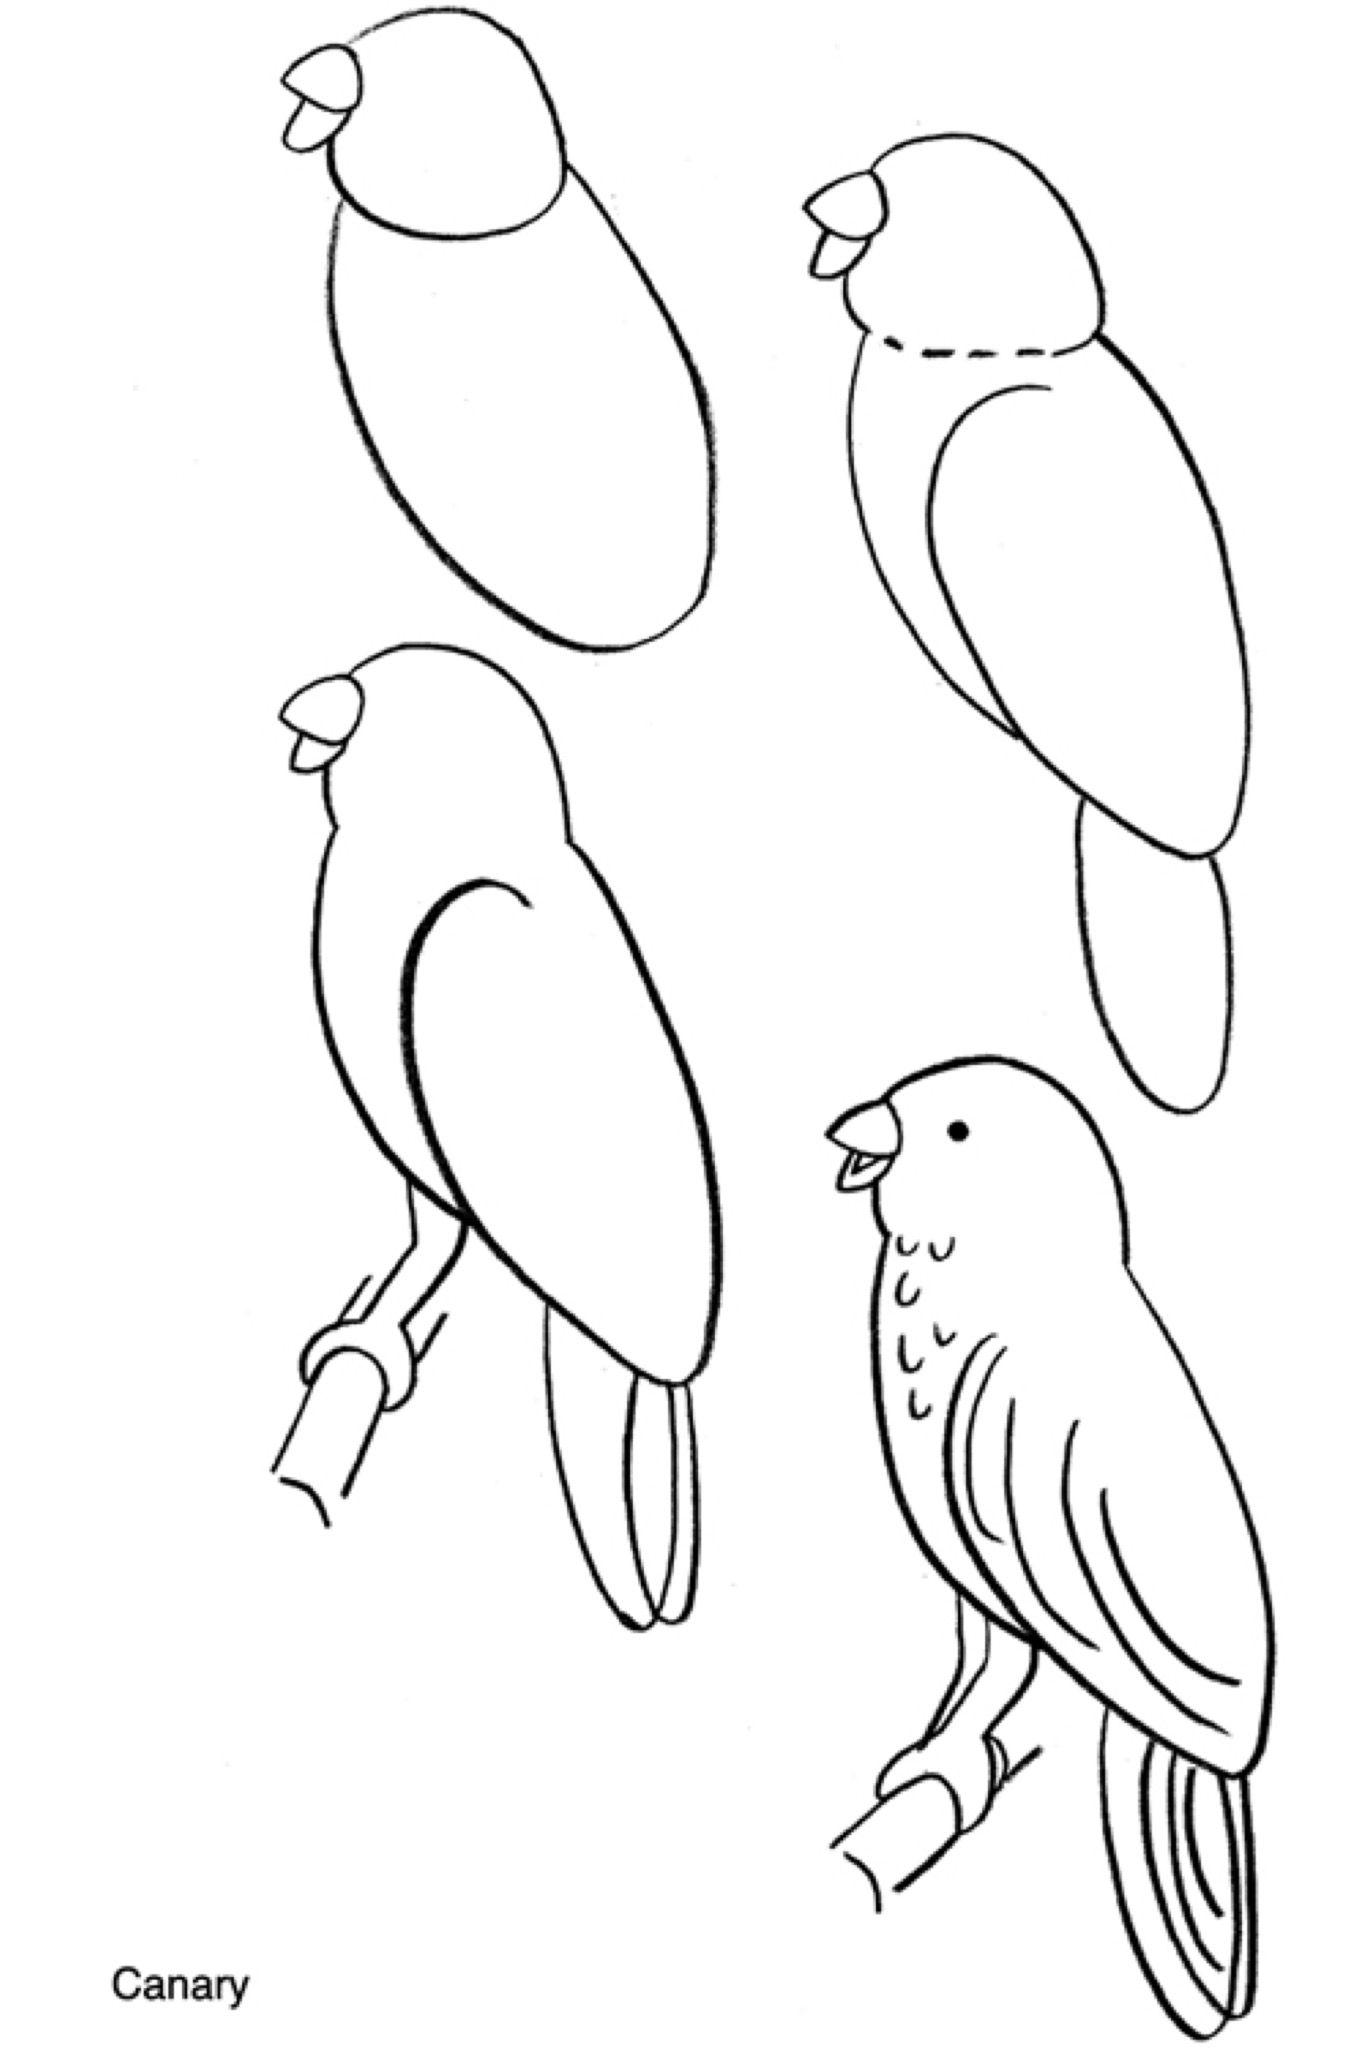 Pin Van April Ferland Op Mi Fai Un Disegno Vogels Tekenen Dieren Tekenen Leer Tekenen